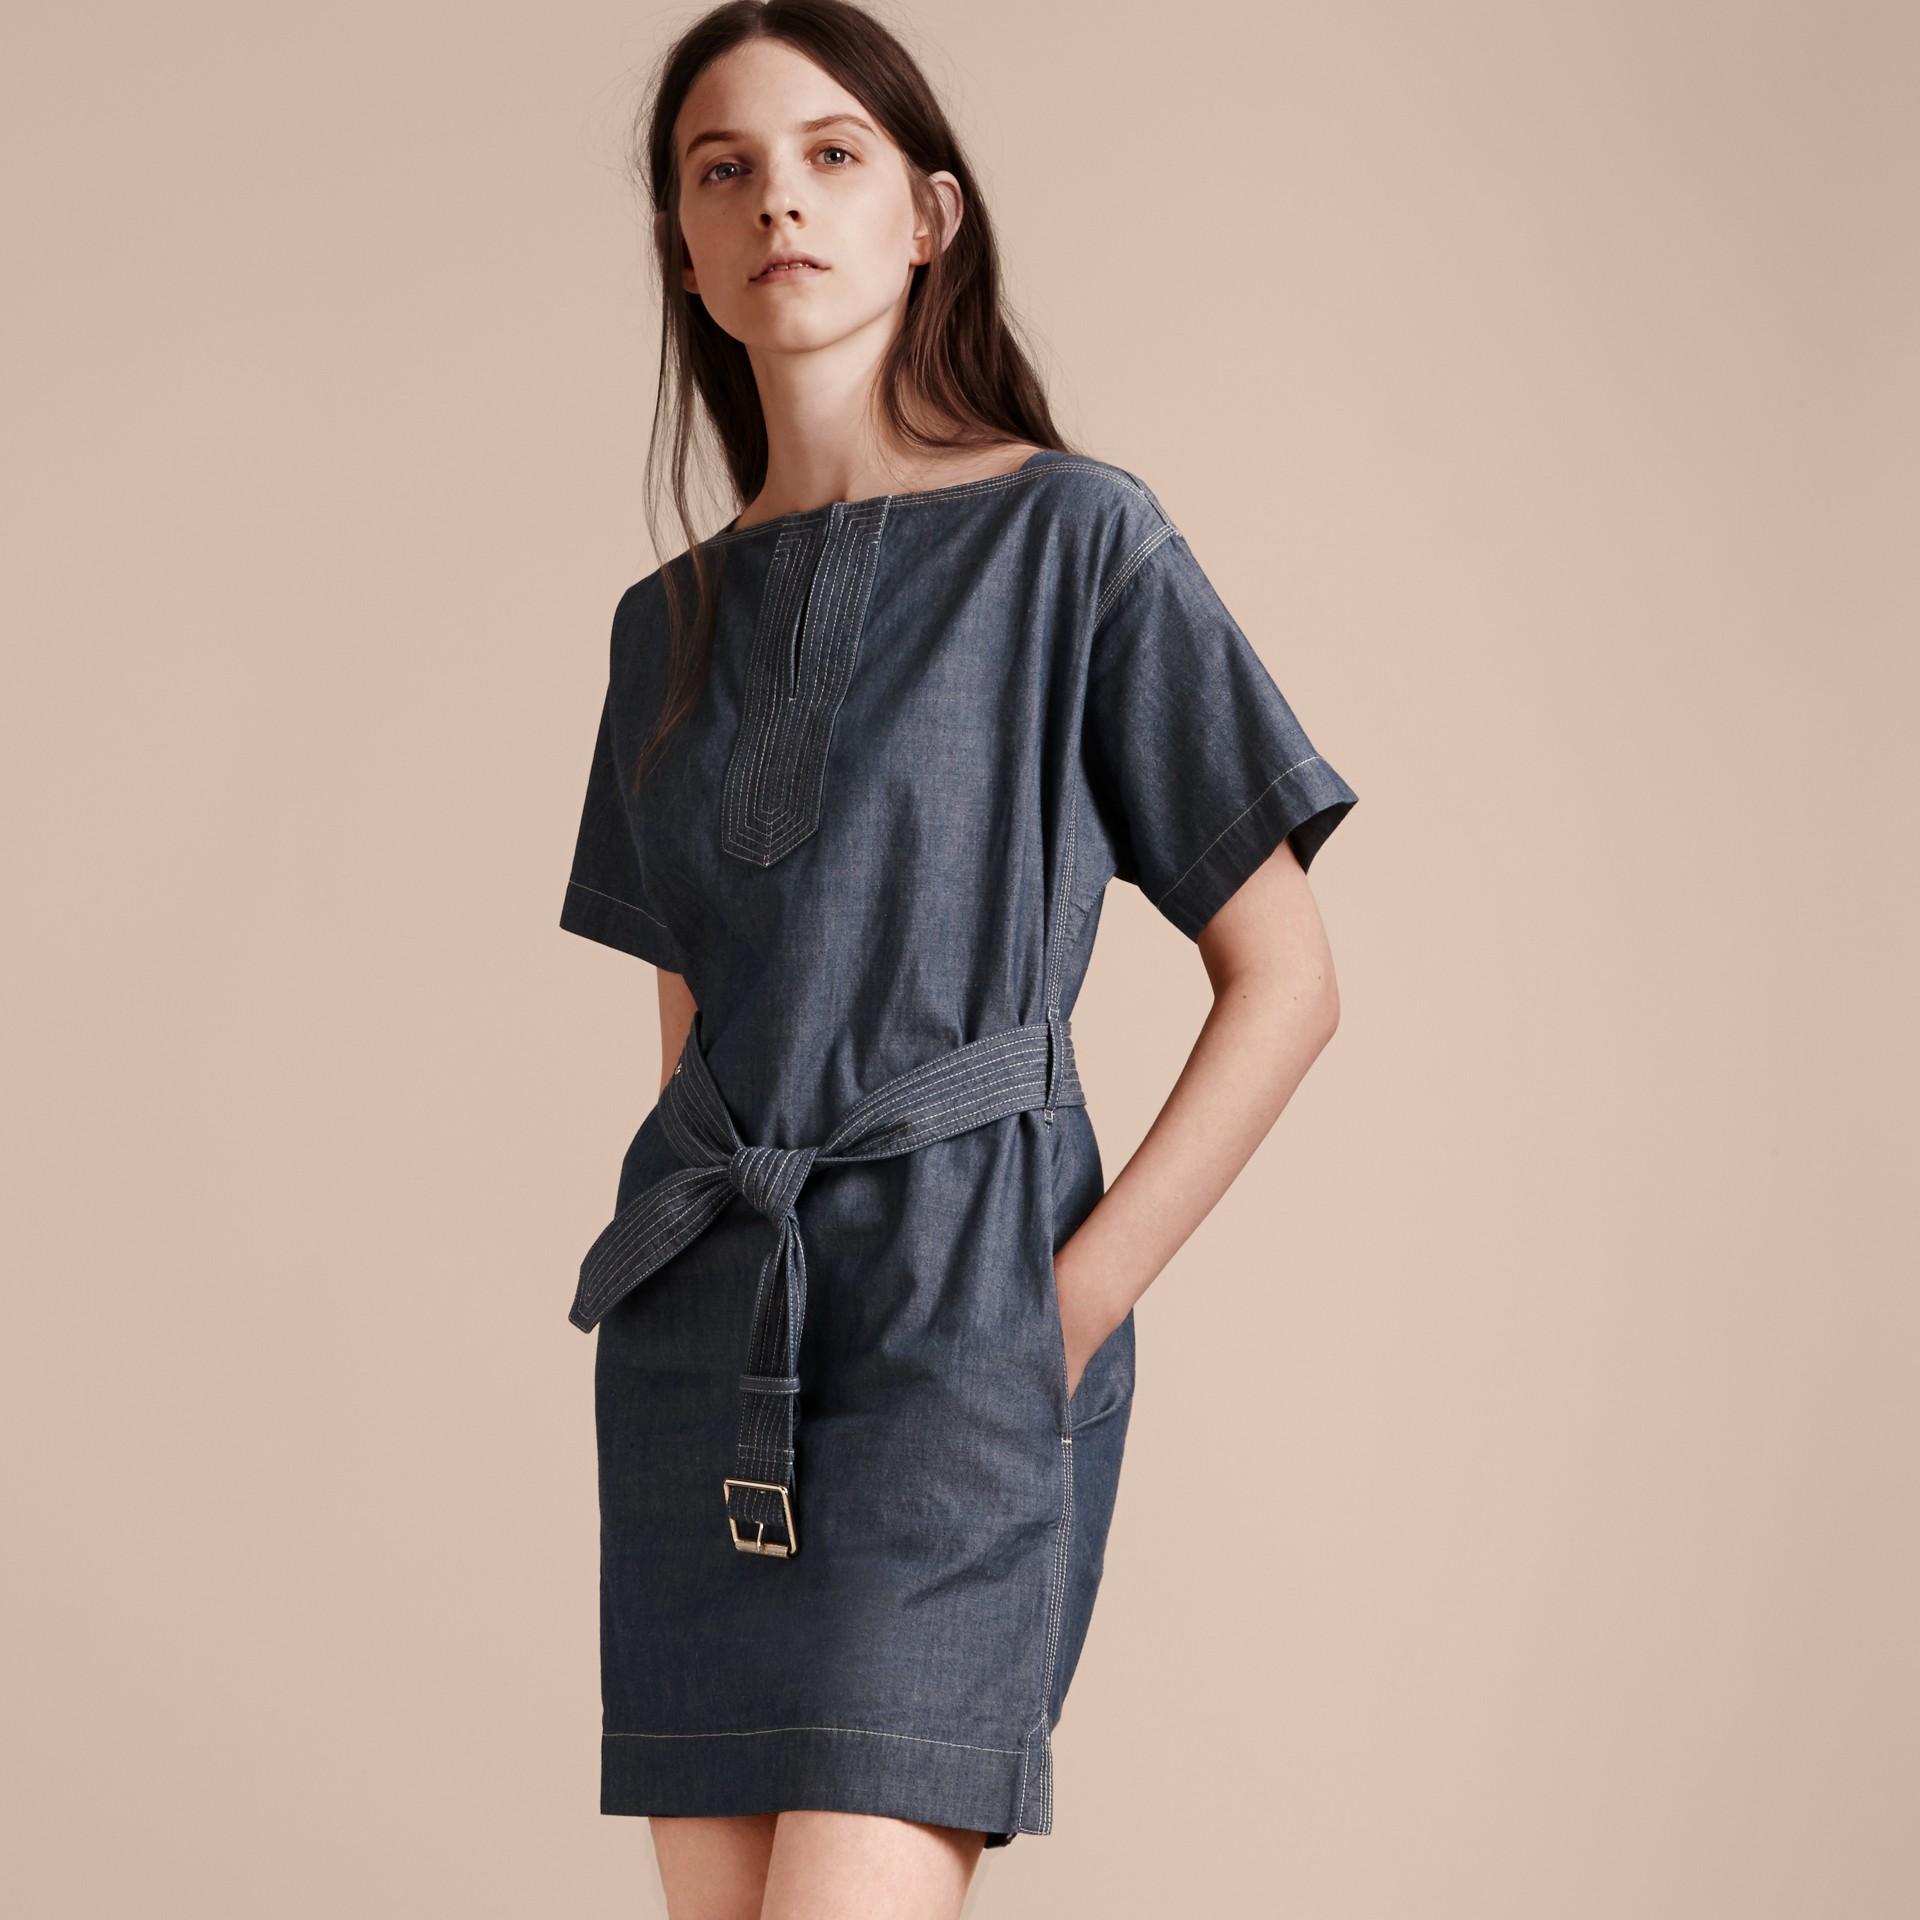 라이트 인디고 벨트 쇼트 슬리브 샴브레이 코튼 드레스 - 갤러리 이미지 6